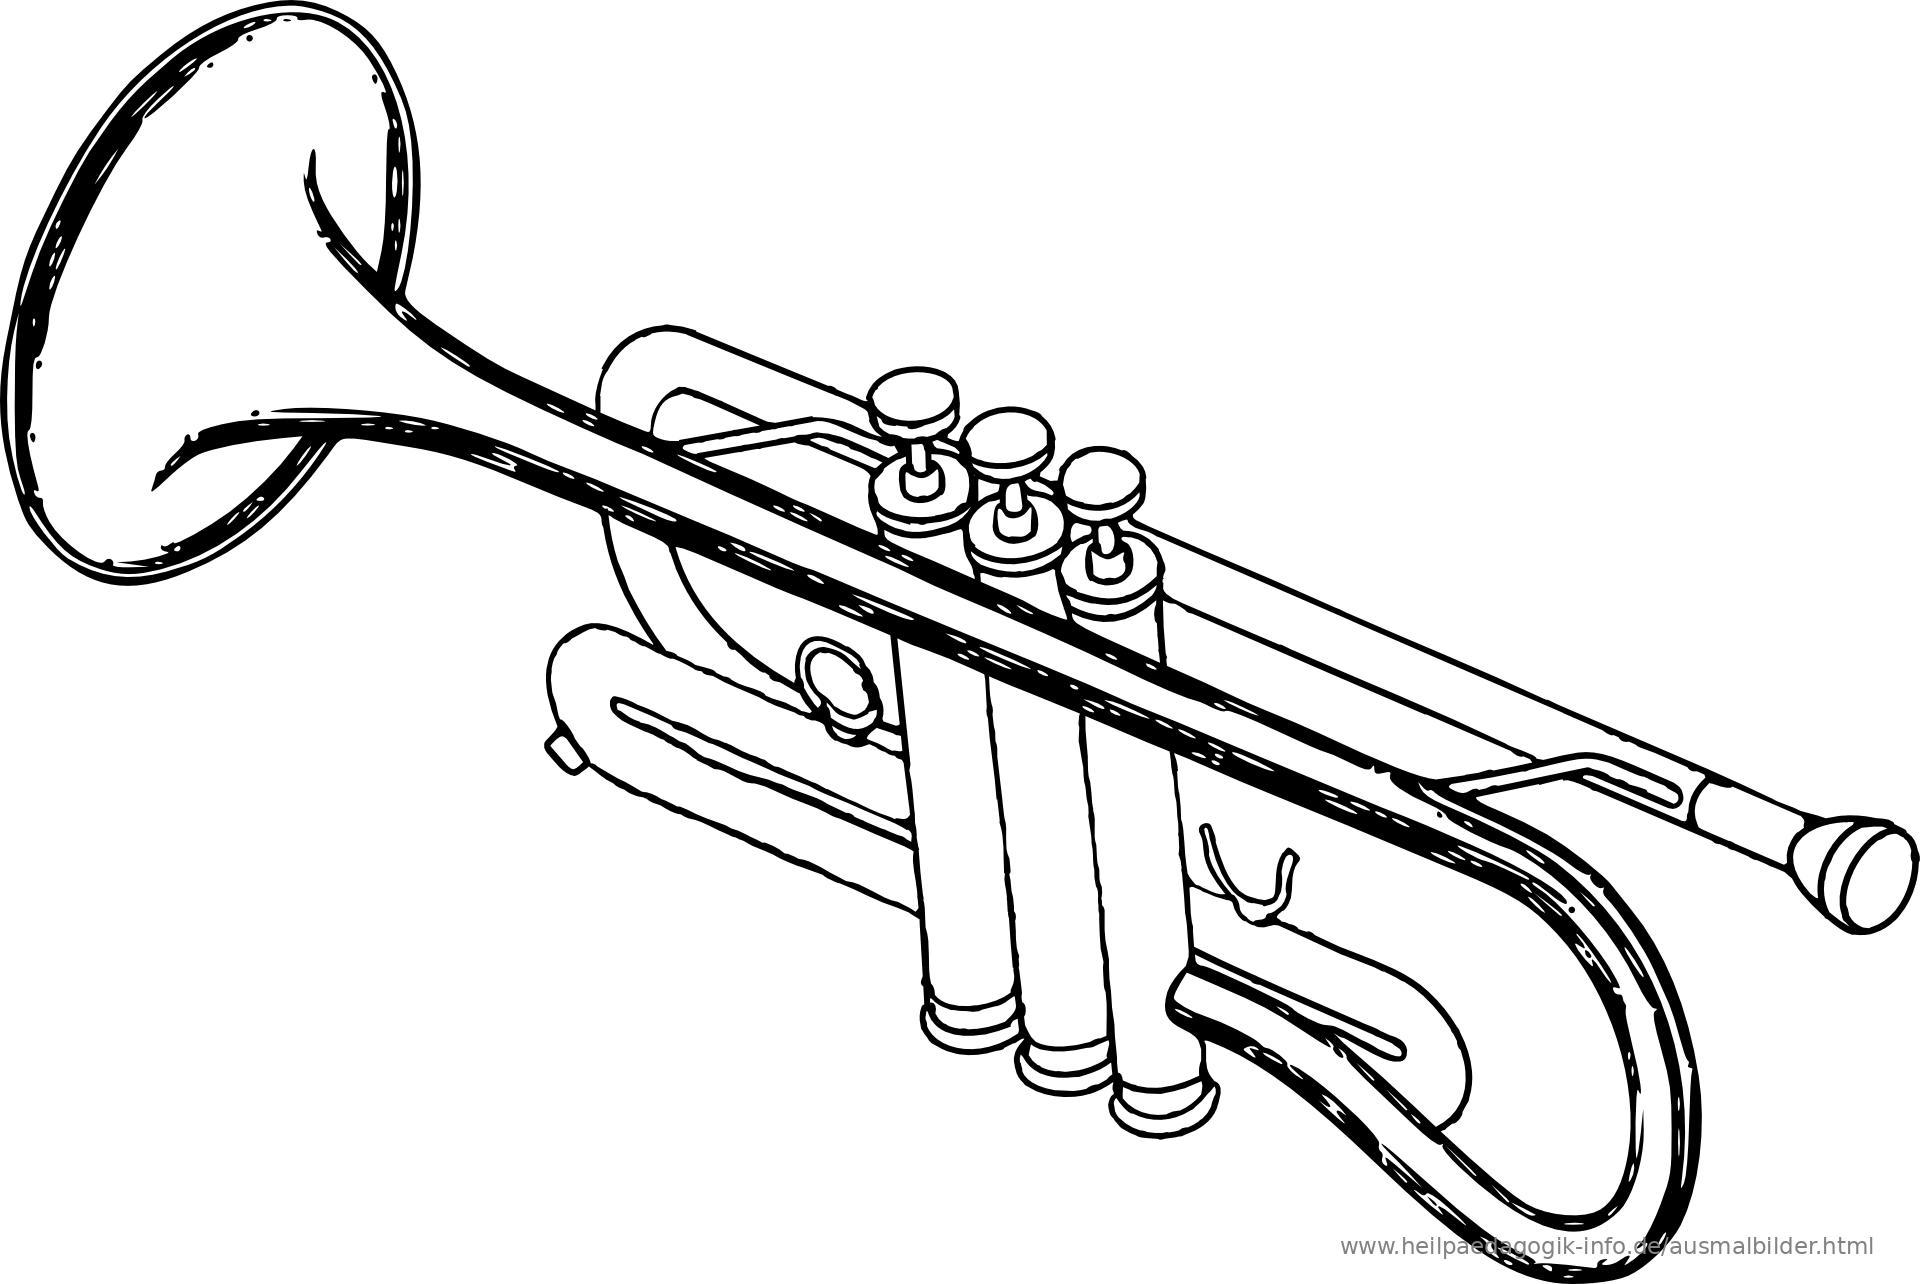 malvorlagen instrumente musik - zeichnen und färben